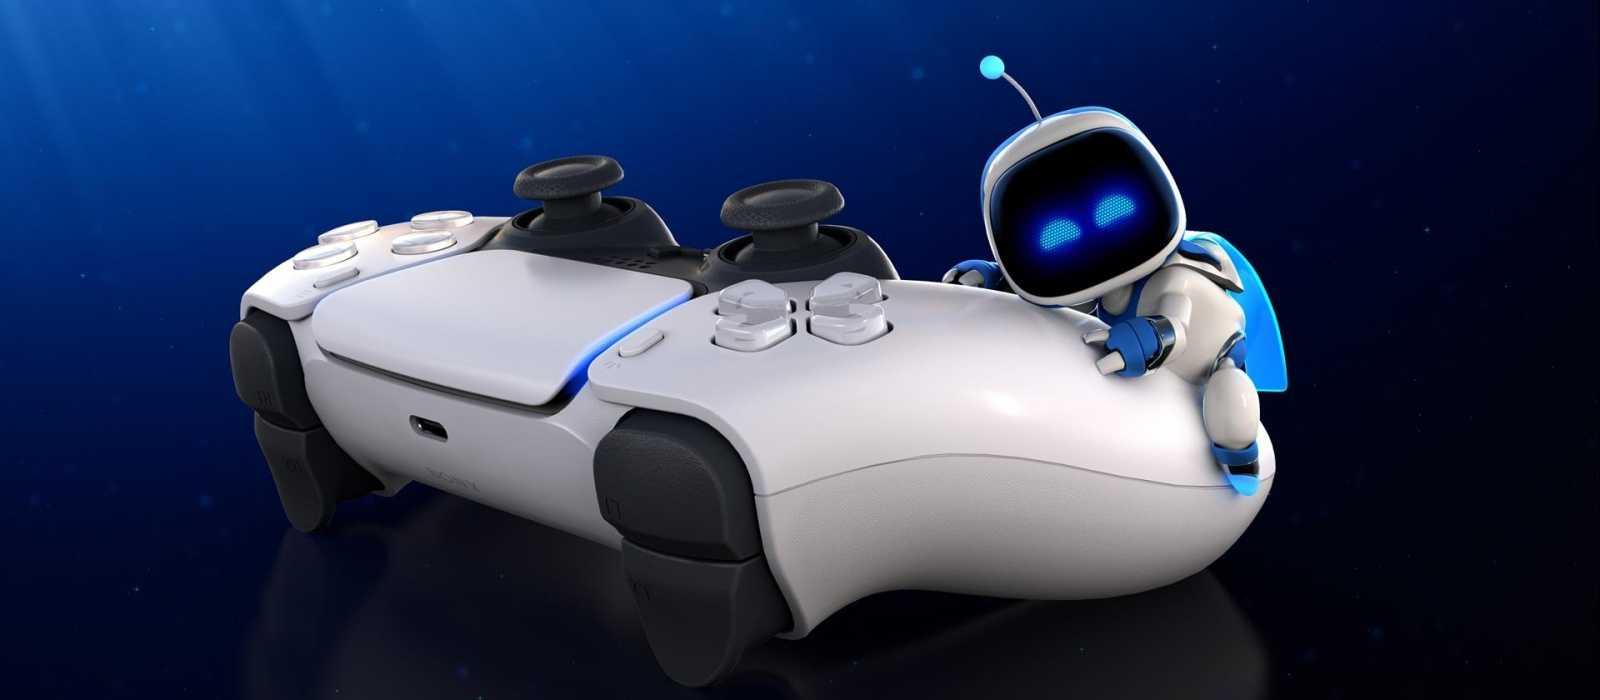 Der Spieler erhielt einen Kuchen in Form einer PlayStation 5 als Geschenk. So sieht es aus (Foto)